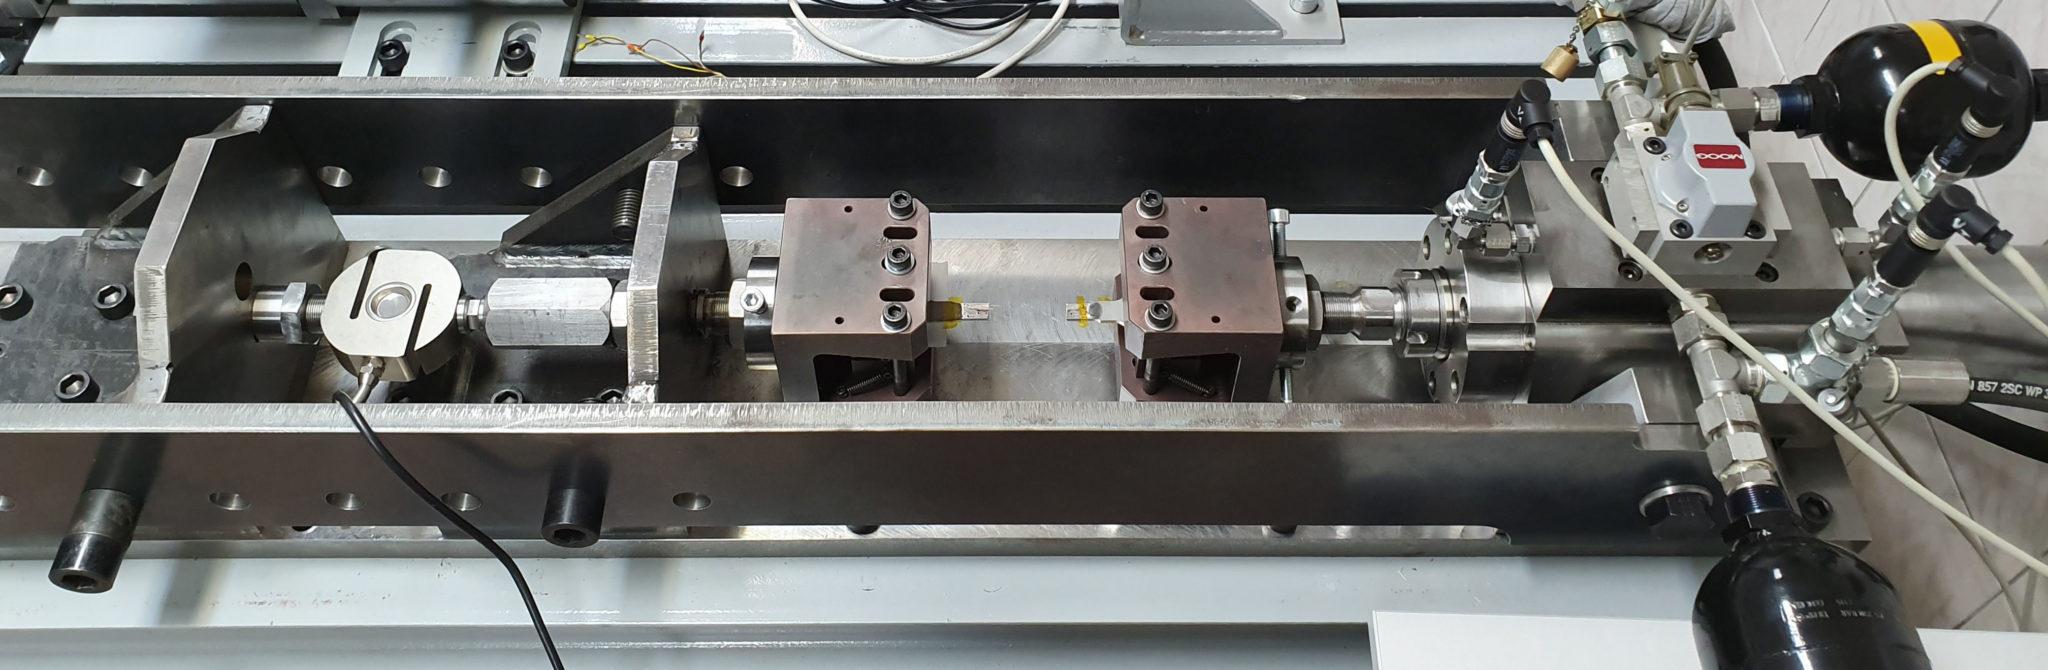 Razvoj servohidravličnega pogona na področju mehanike loma